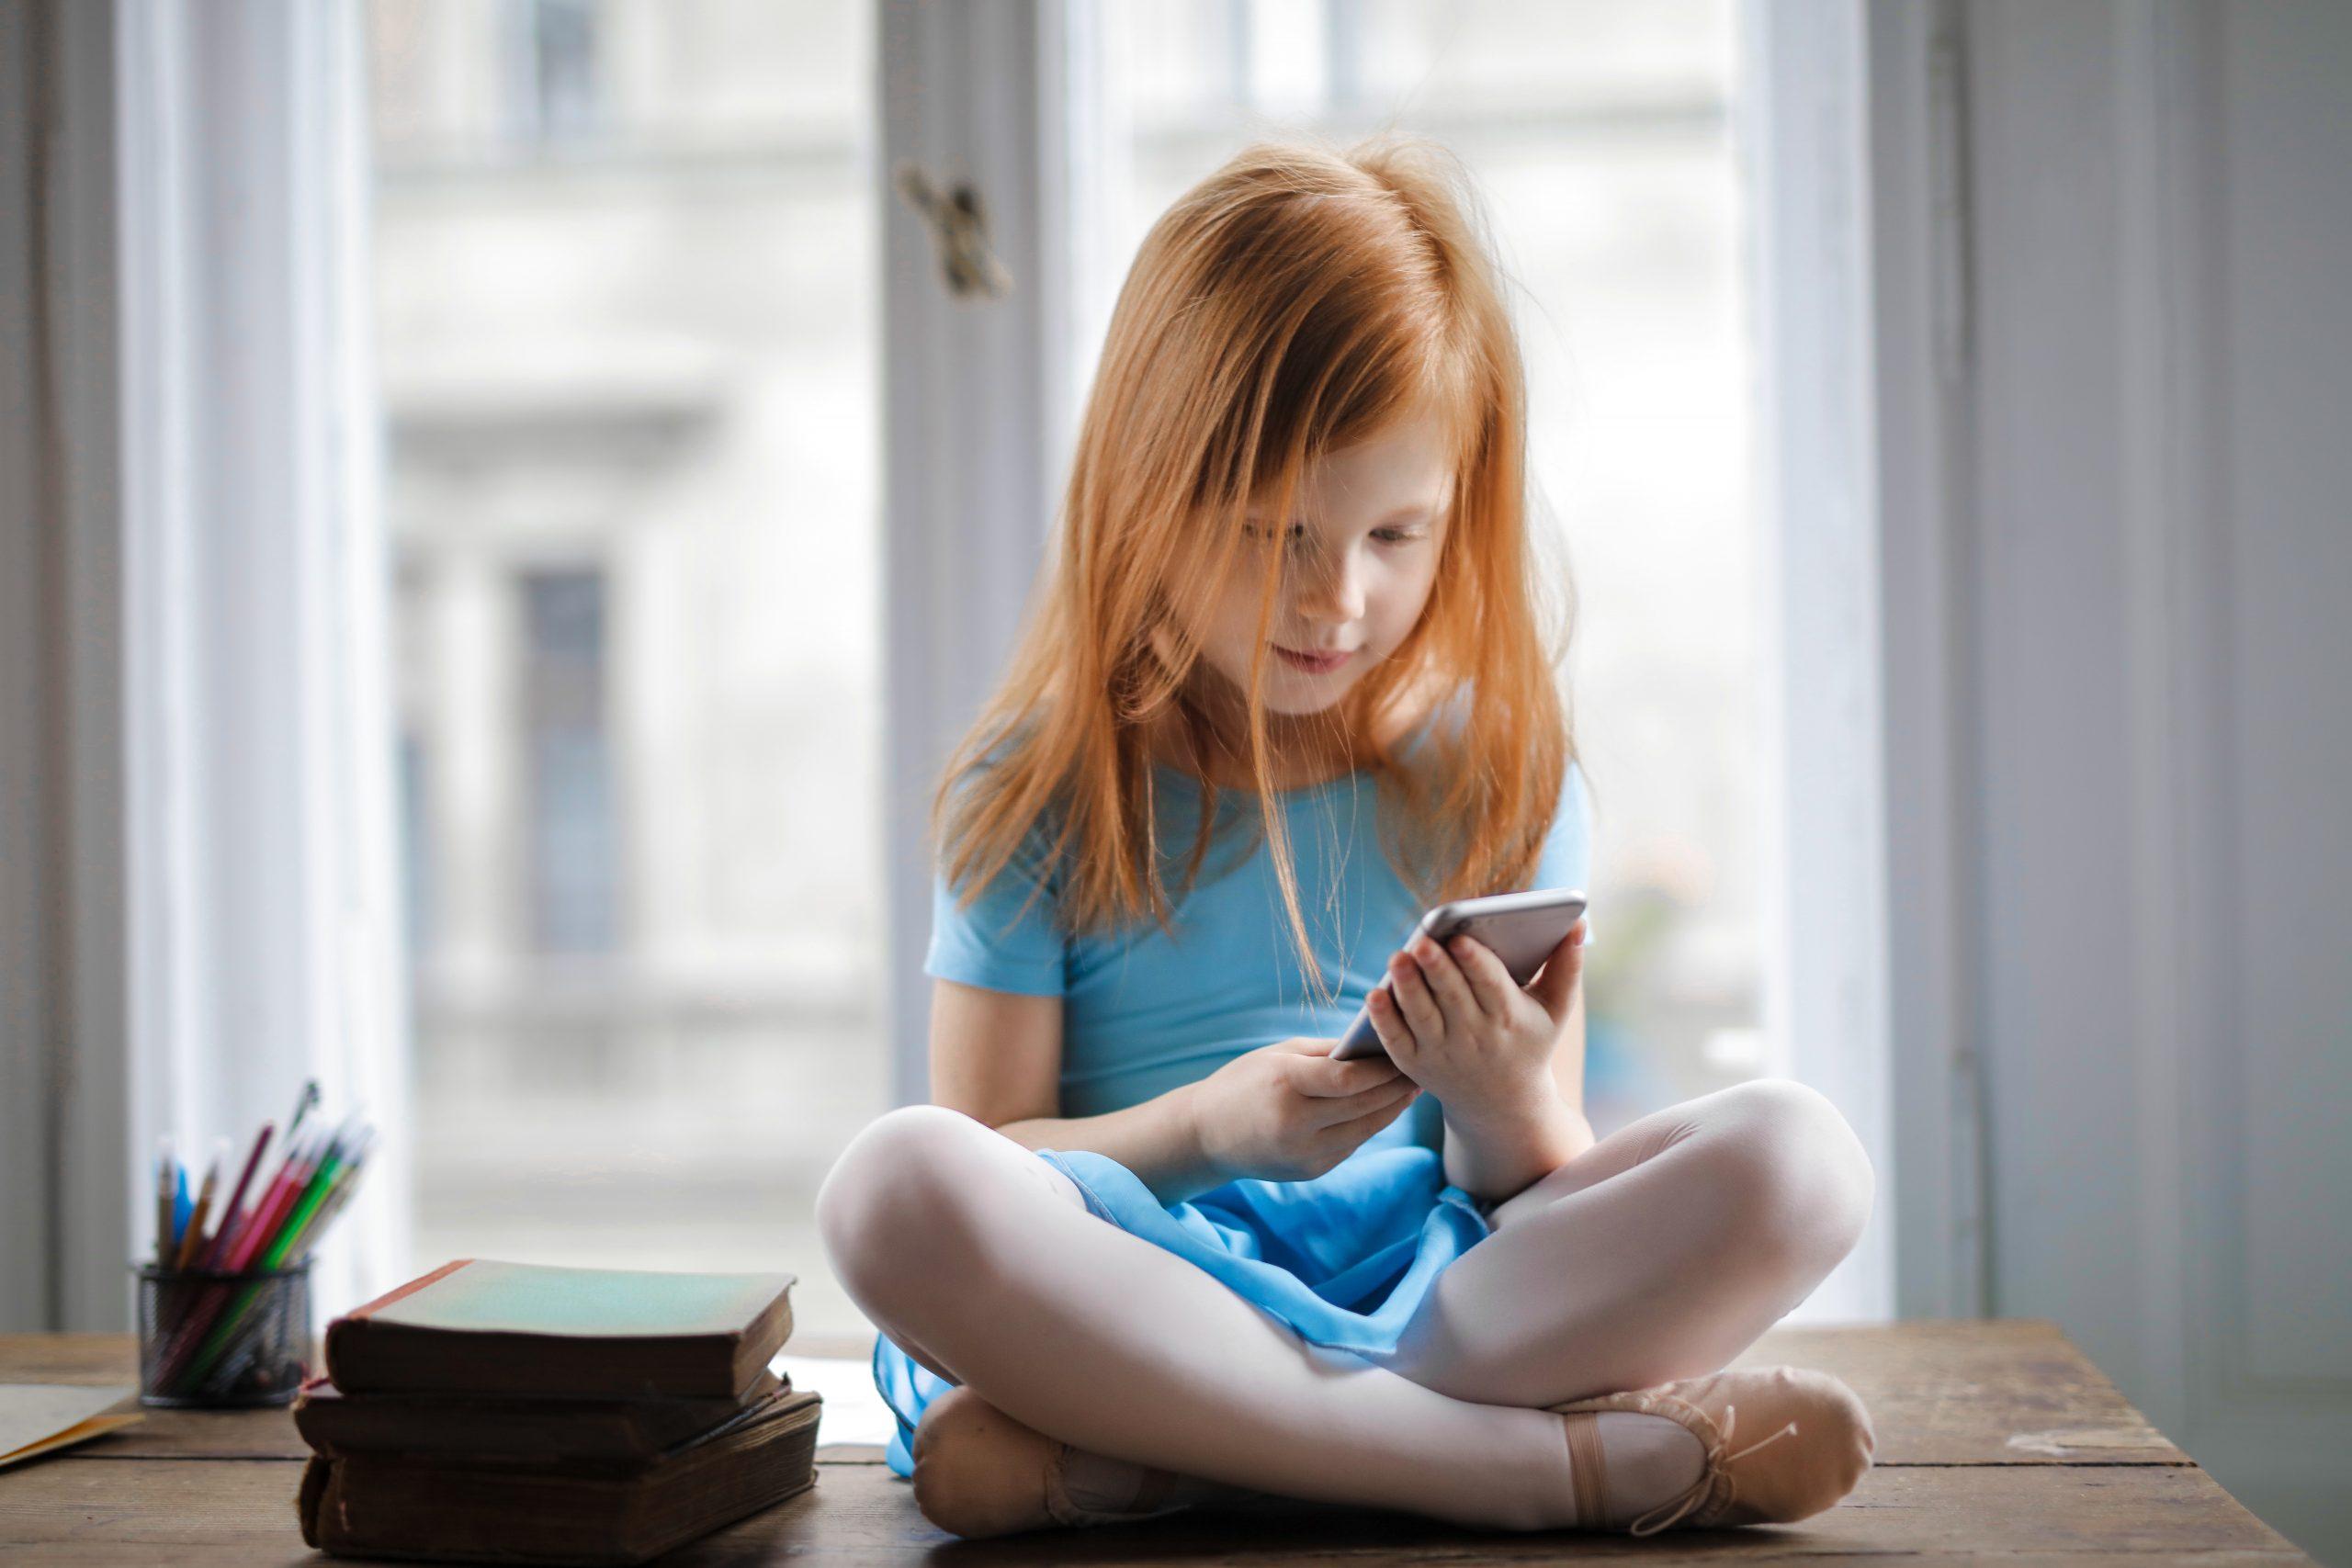 A quanti anni concedere l'utilizzo di uno smartphone a un bambino? Alcuni consigli